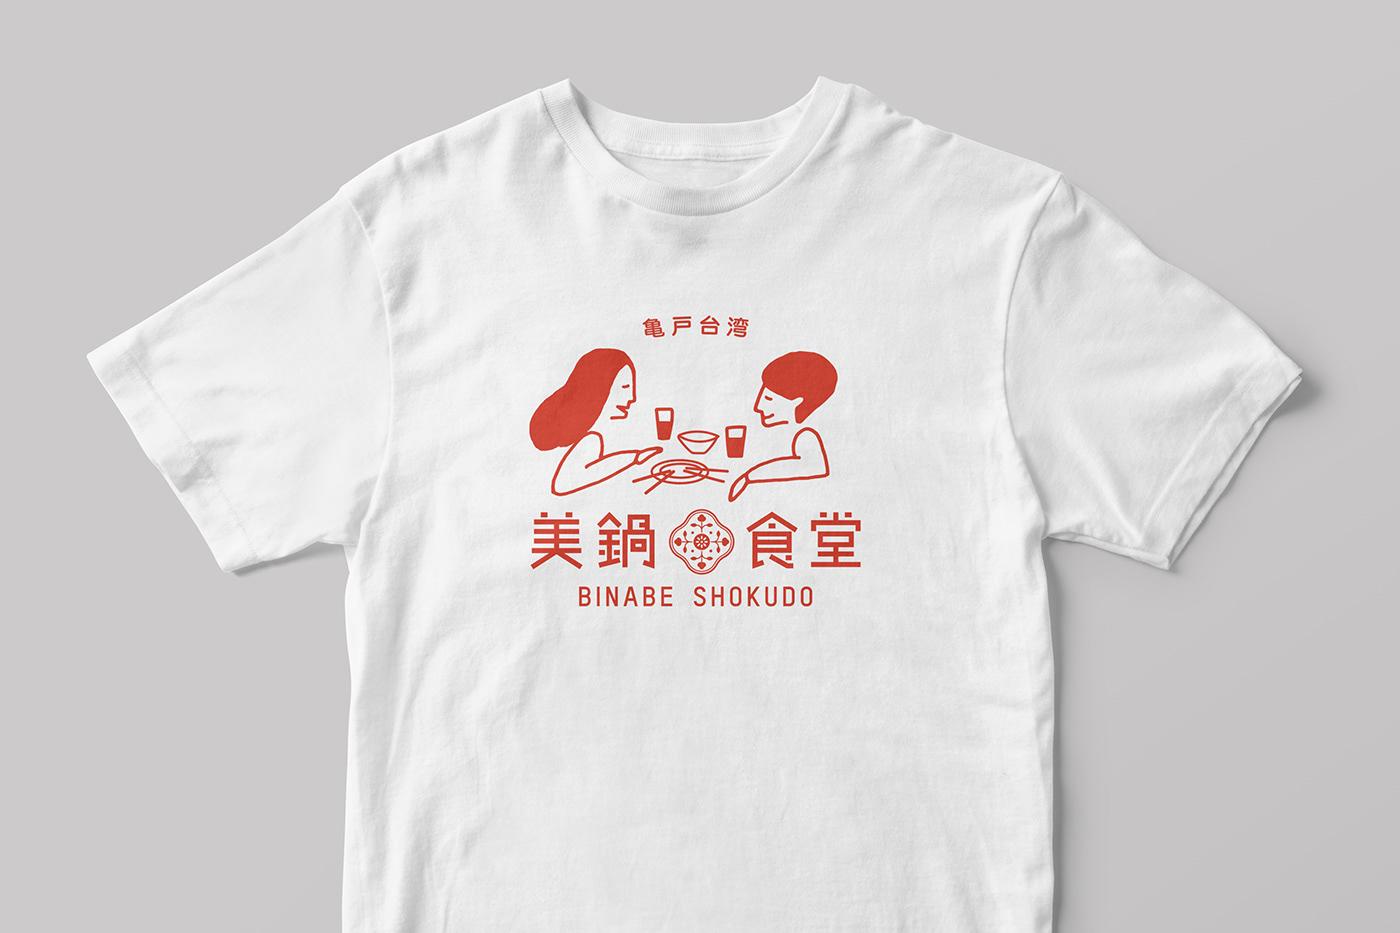 Image may contain: active shirt, clothing and shirt